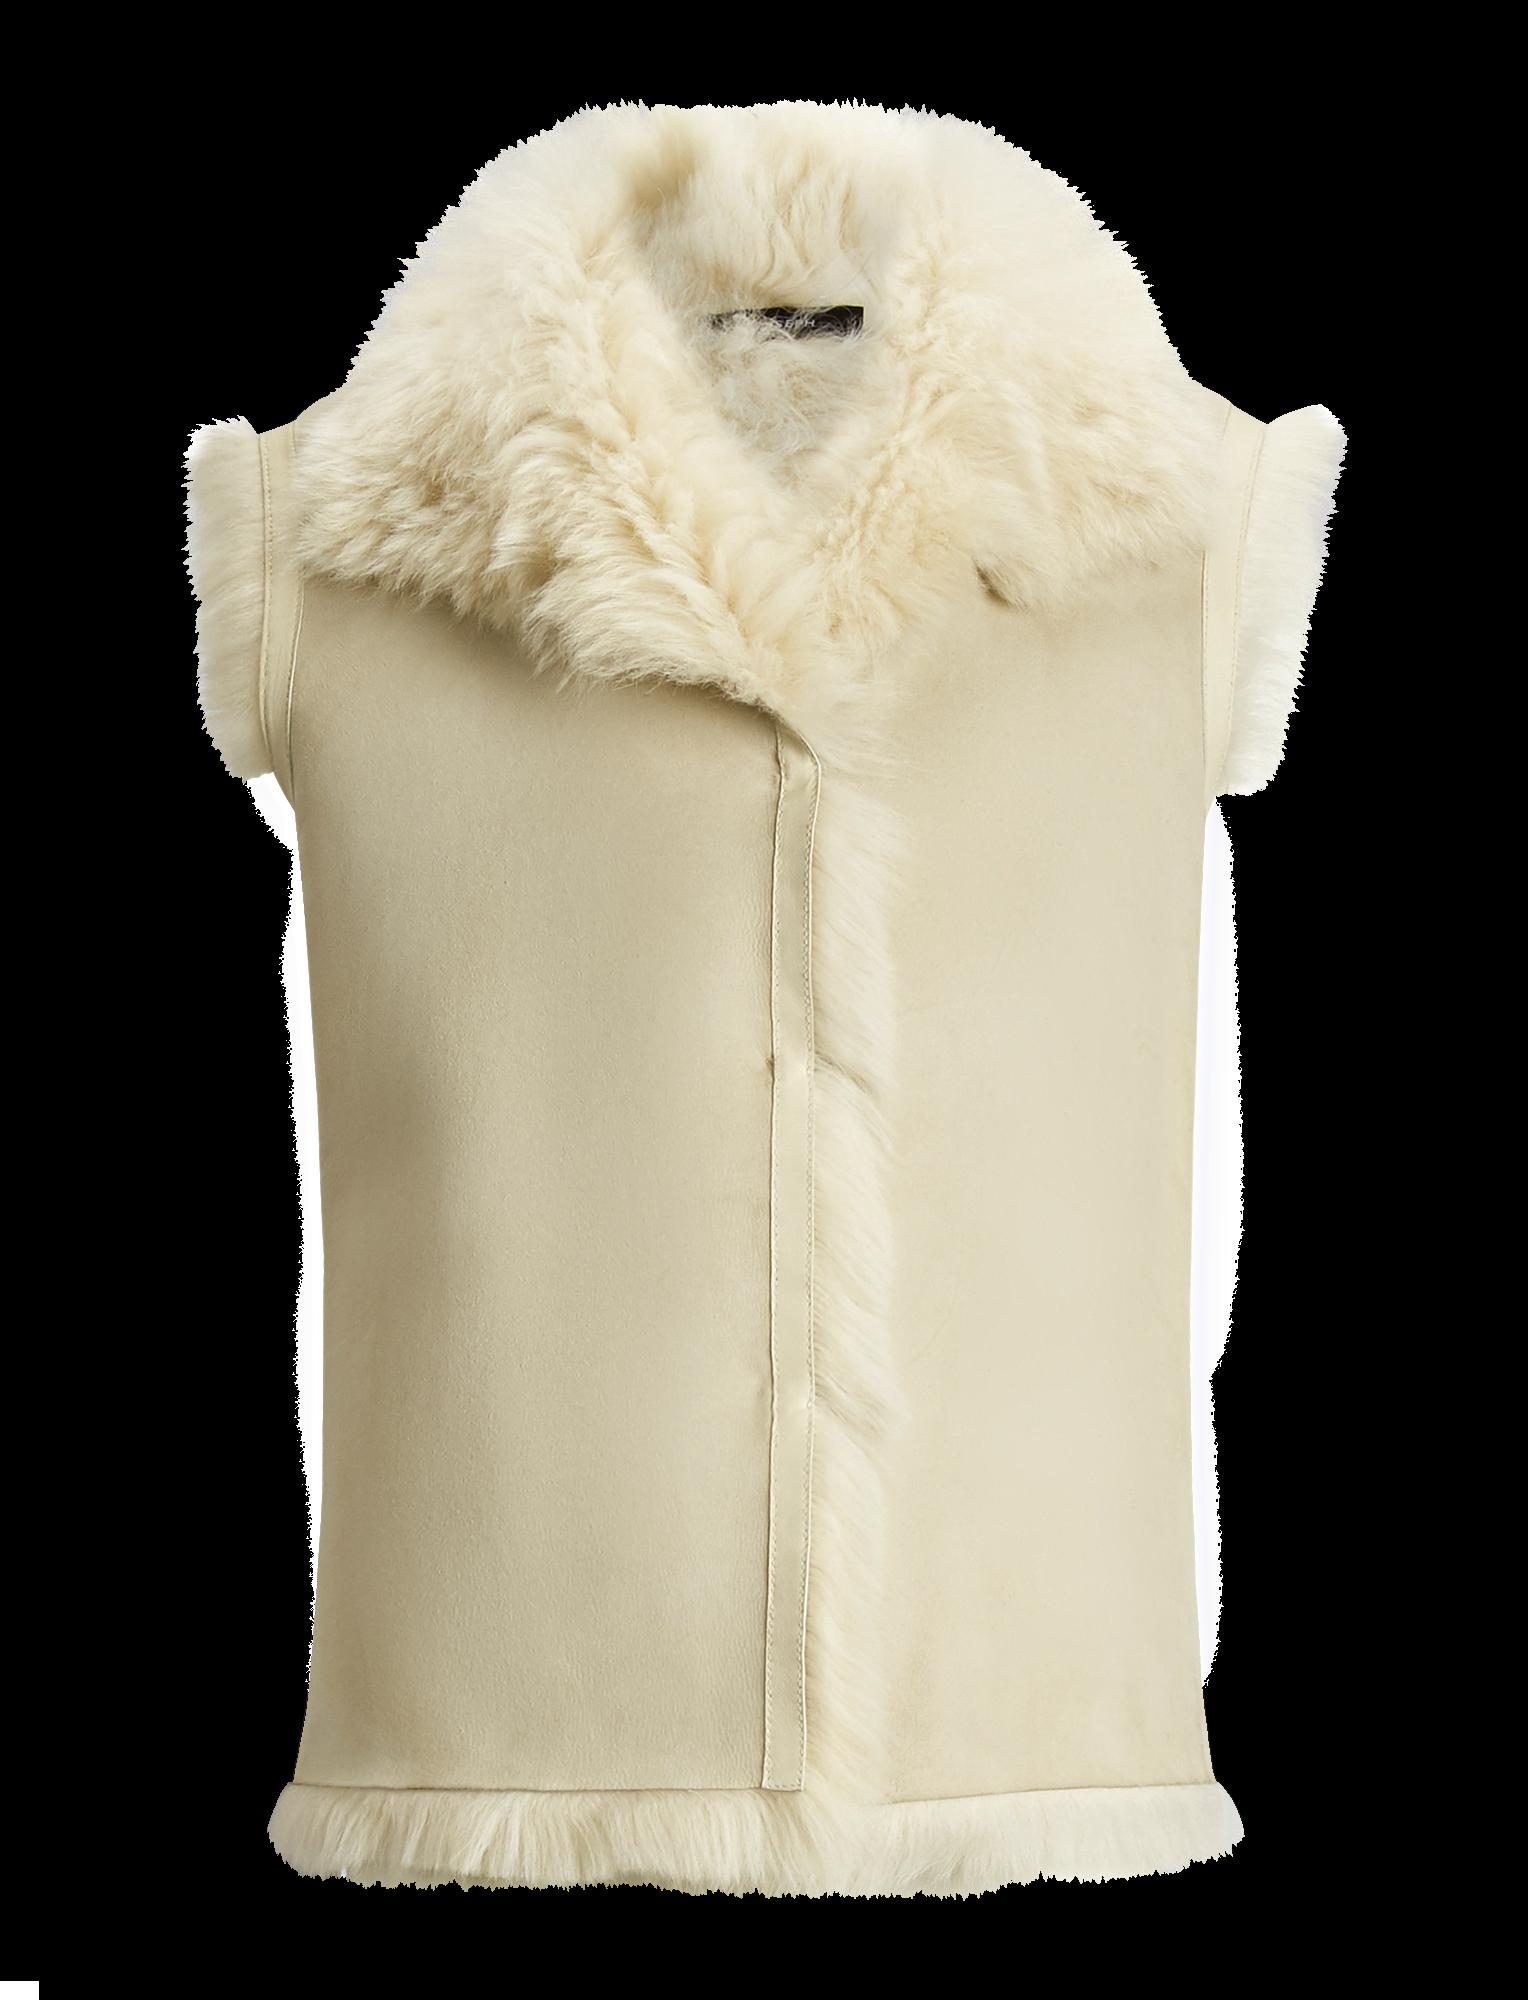 Joseph, Lacy Soft Toscana Sheepskin, in WHITE